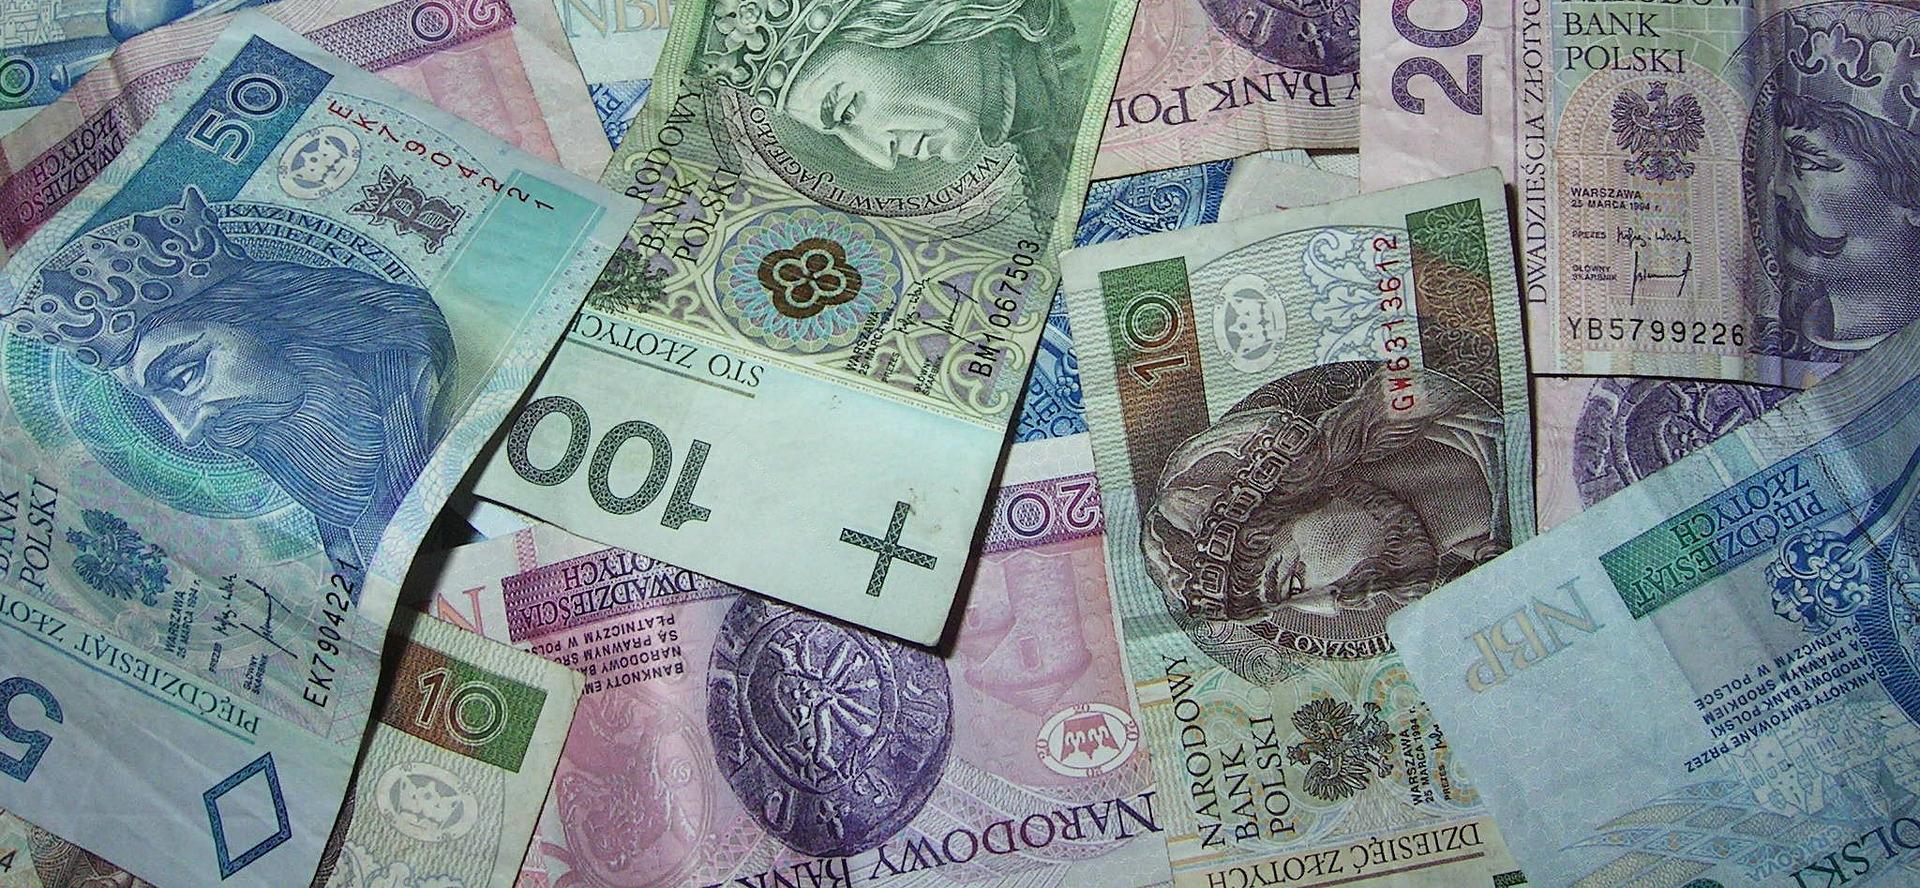 Polisolokata – Jak odzyskać Twojeciężko zarobione pieniądze?